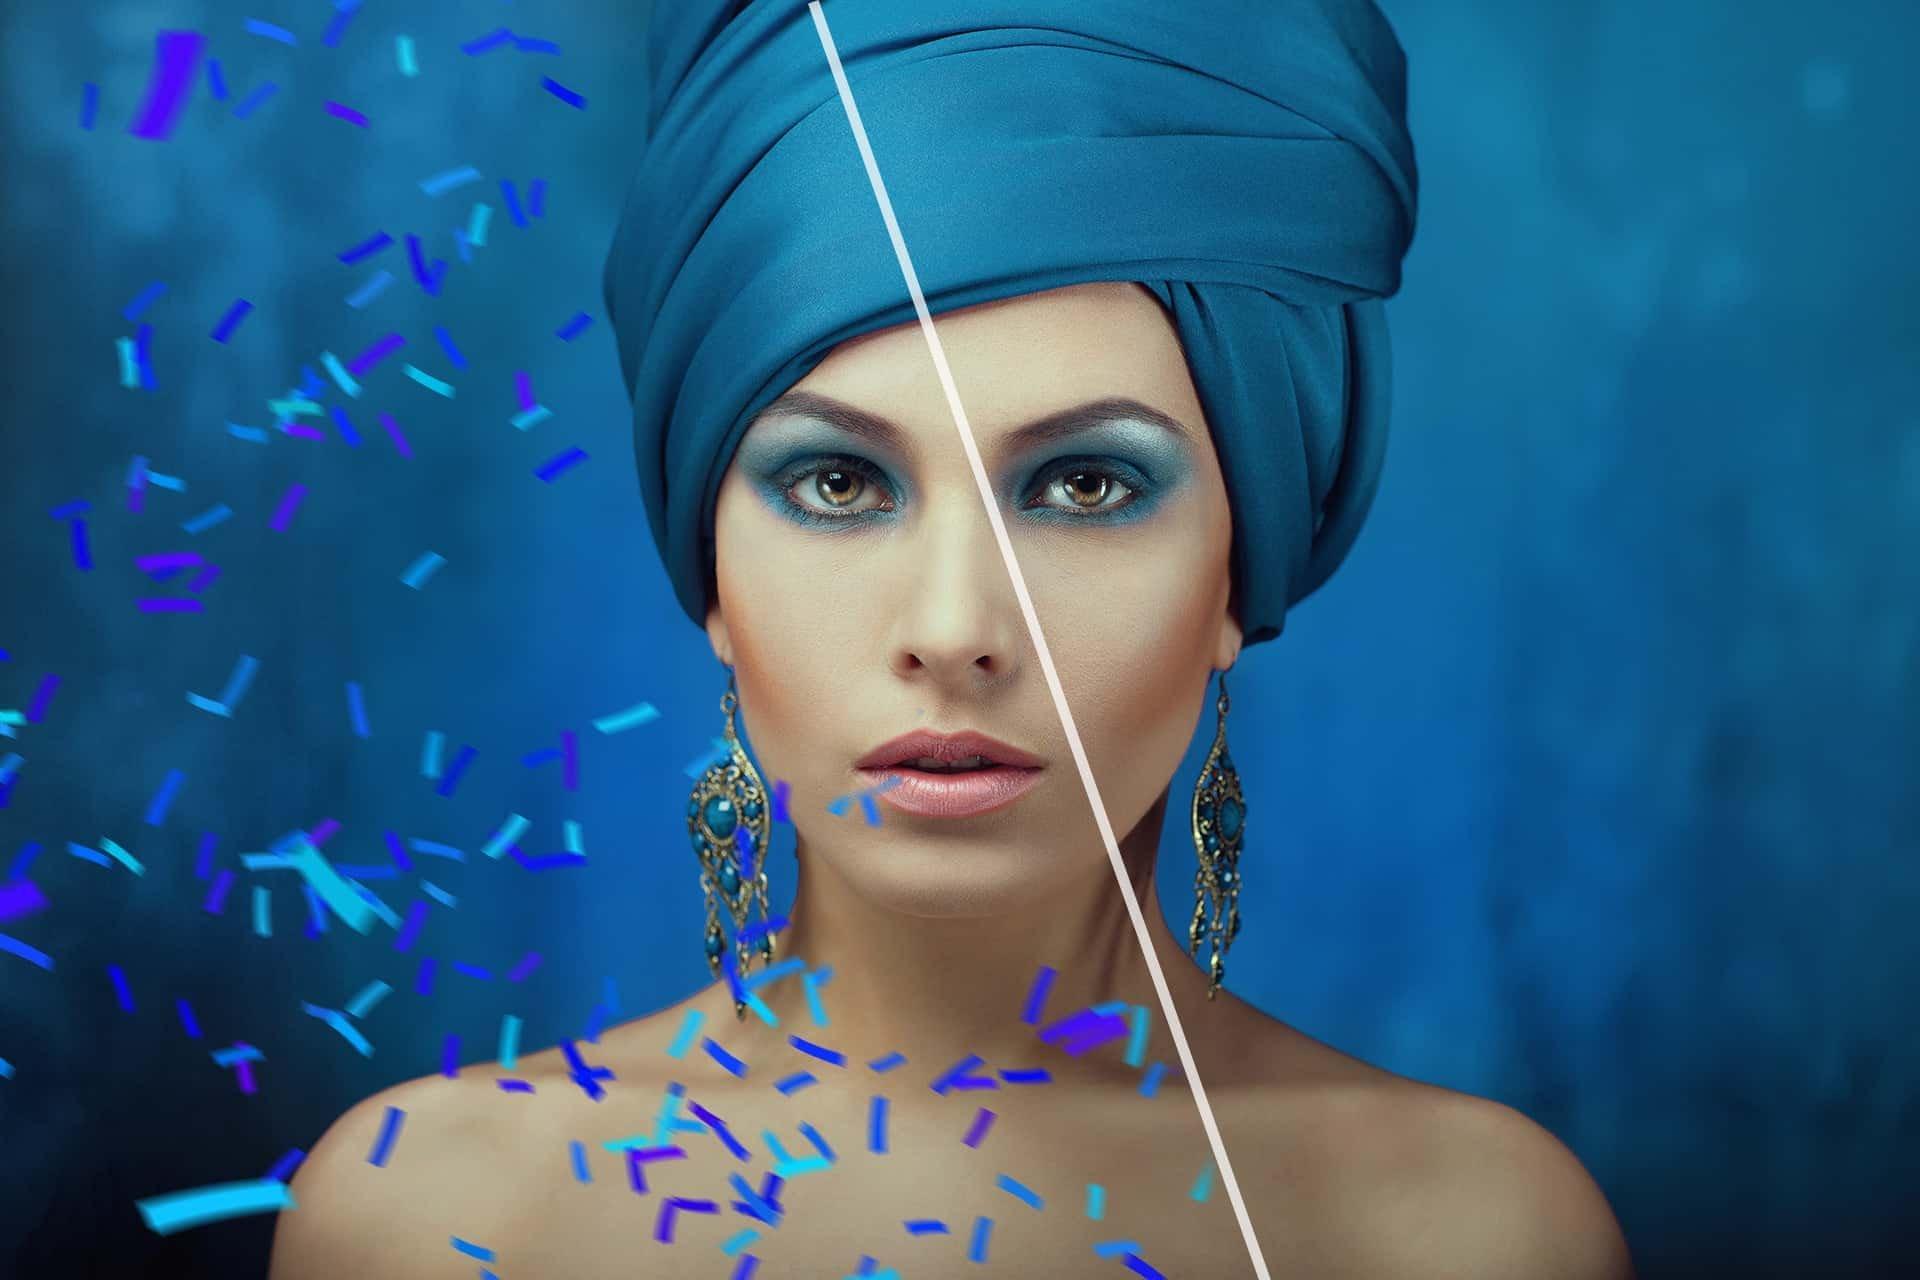 48个高清五彩纸屑照片叠加层PNG图片素材 48+ Confetti Photo Overlays插图(5)